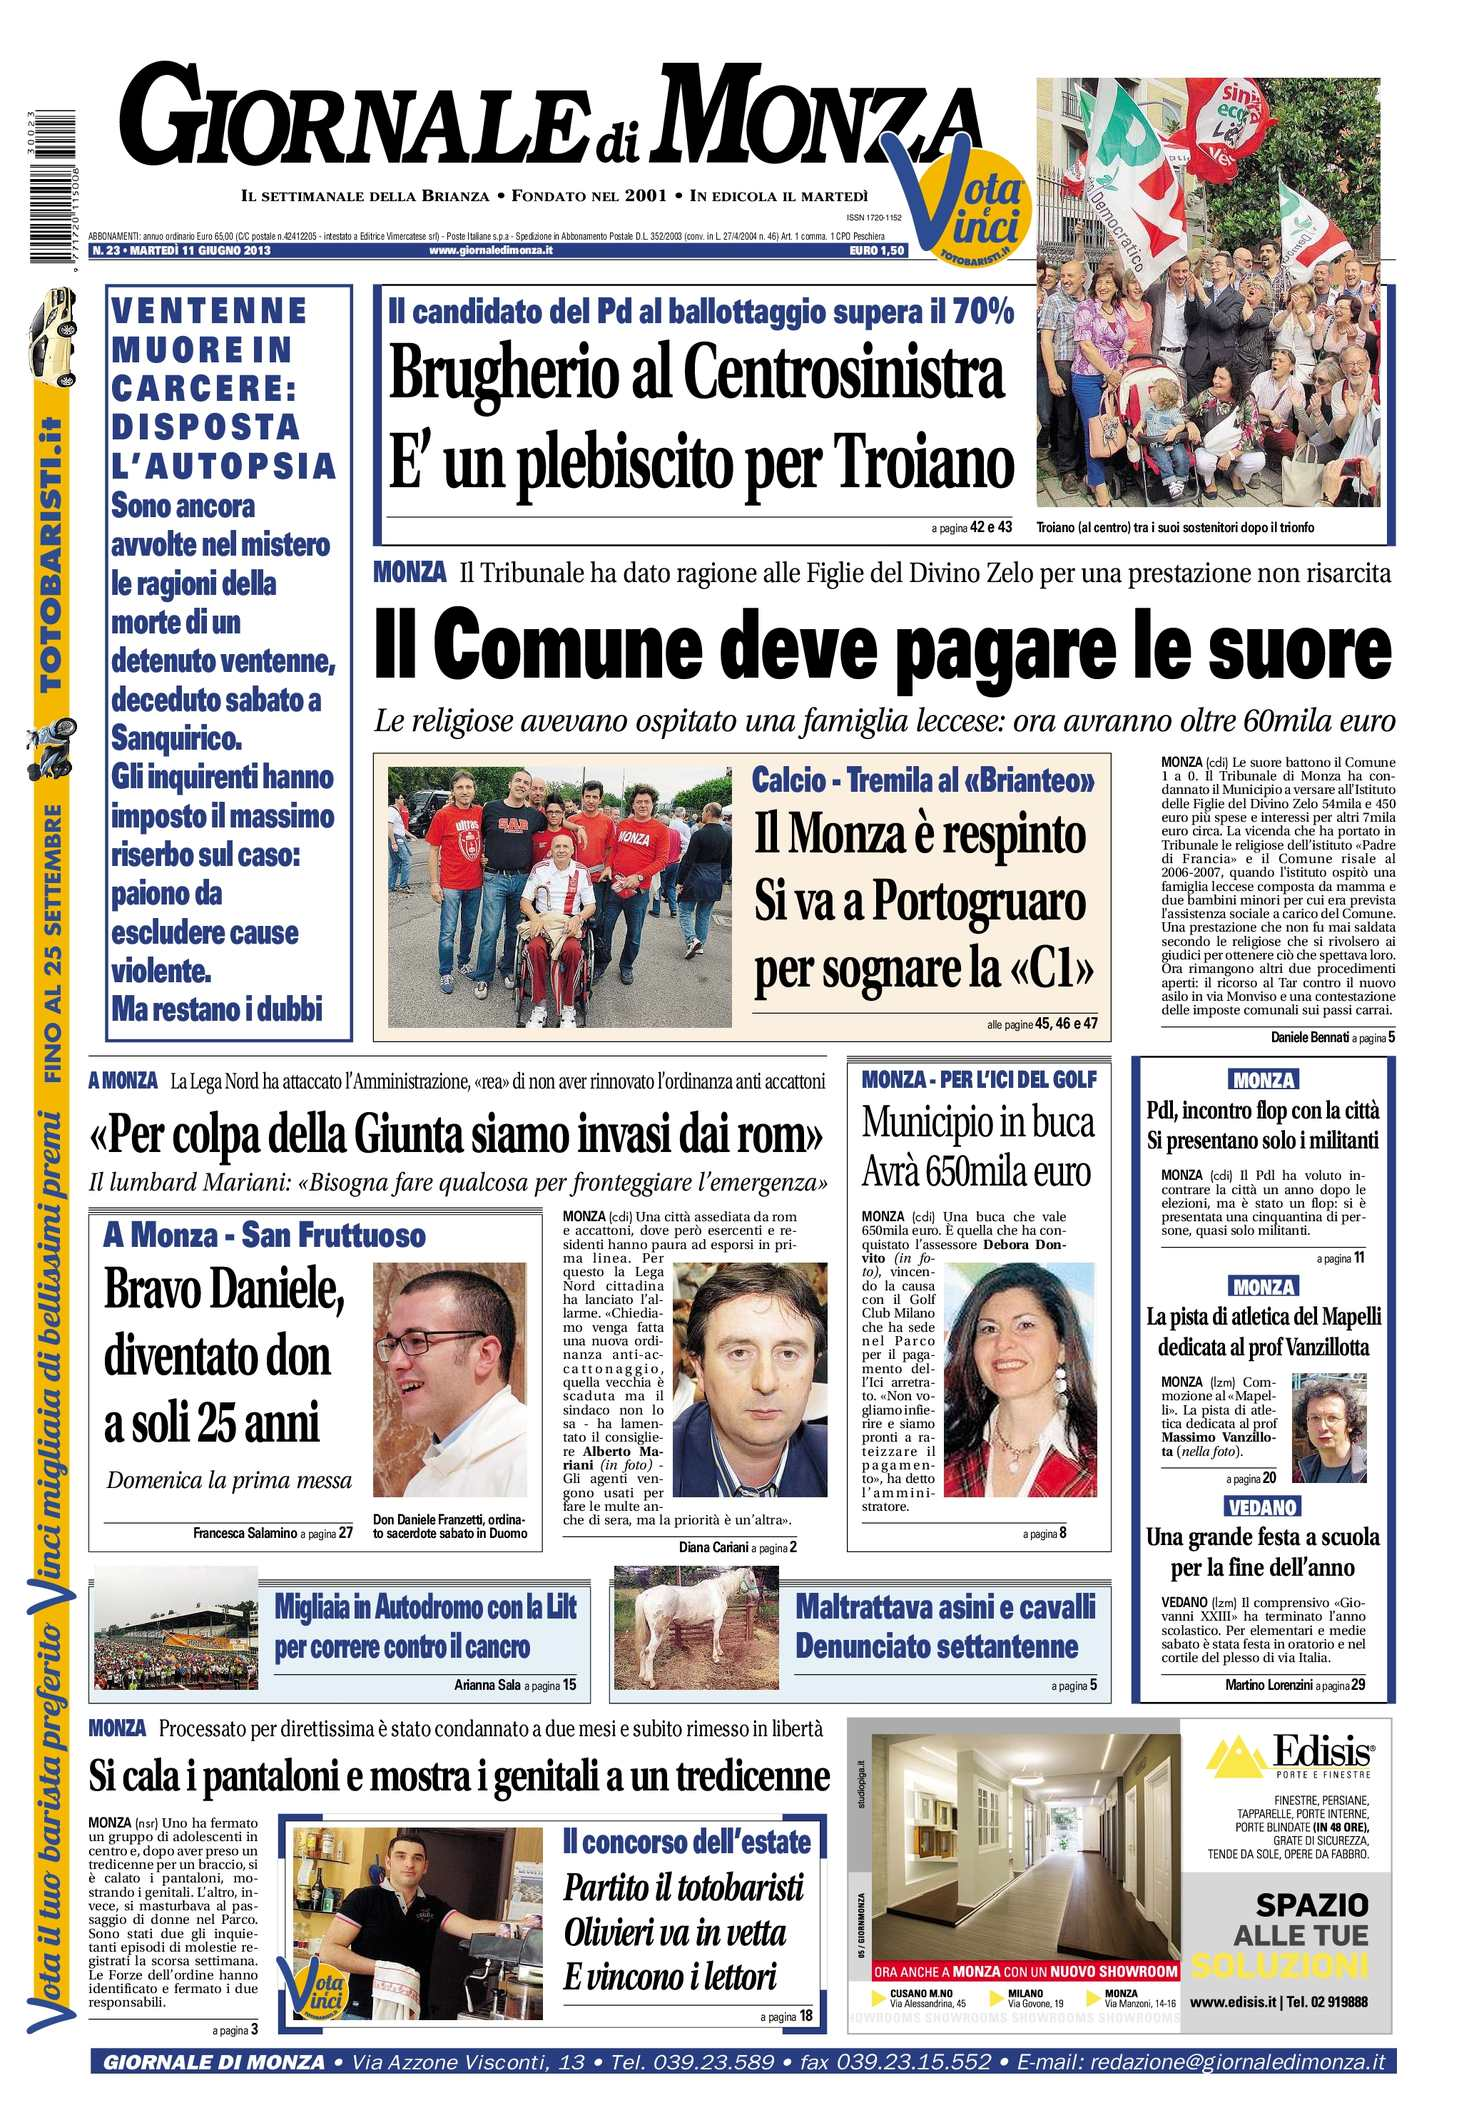 Vincenzo Rinaldi Nova Milanese calaméo - il giornale monza 11 giugno 2013